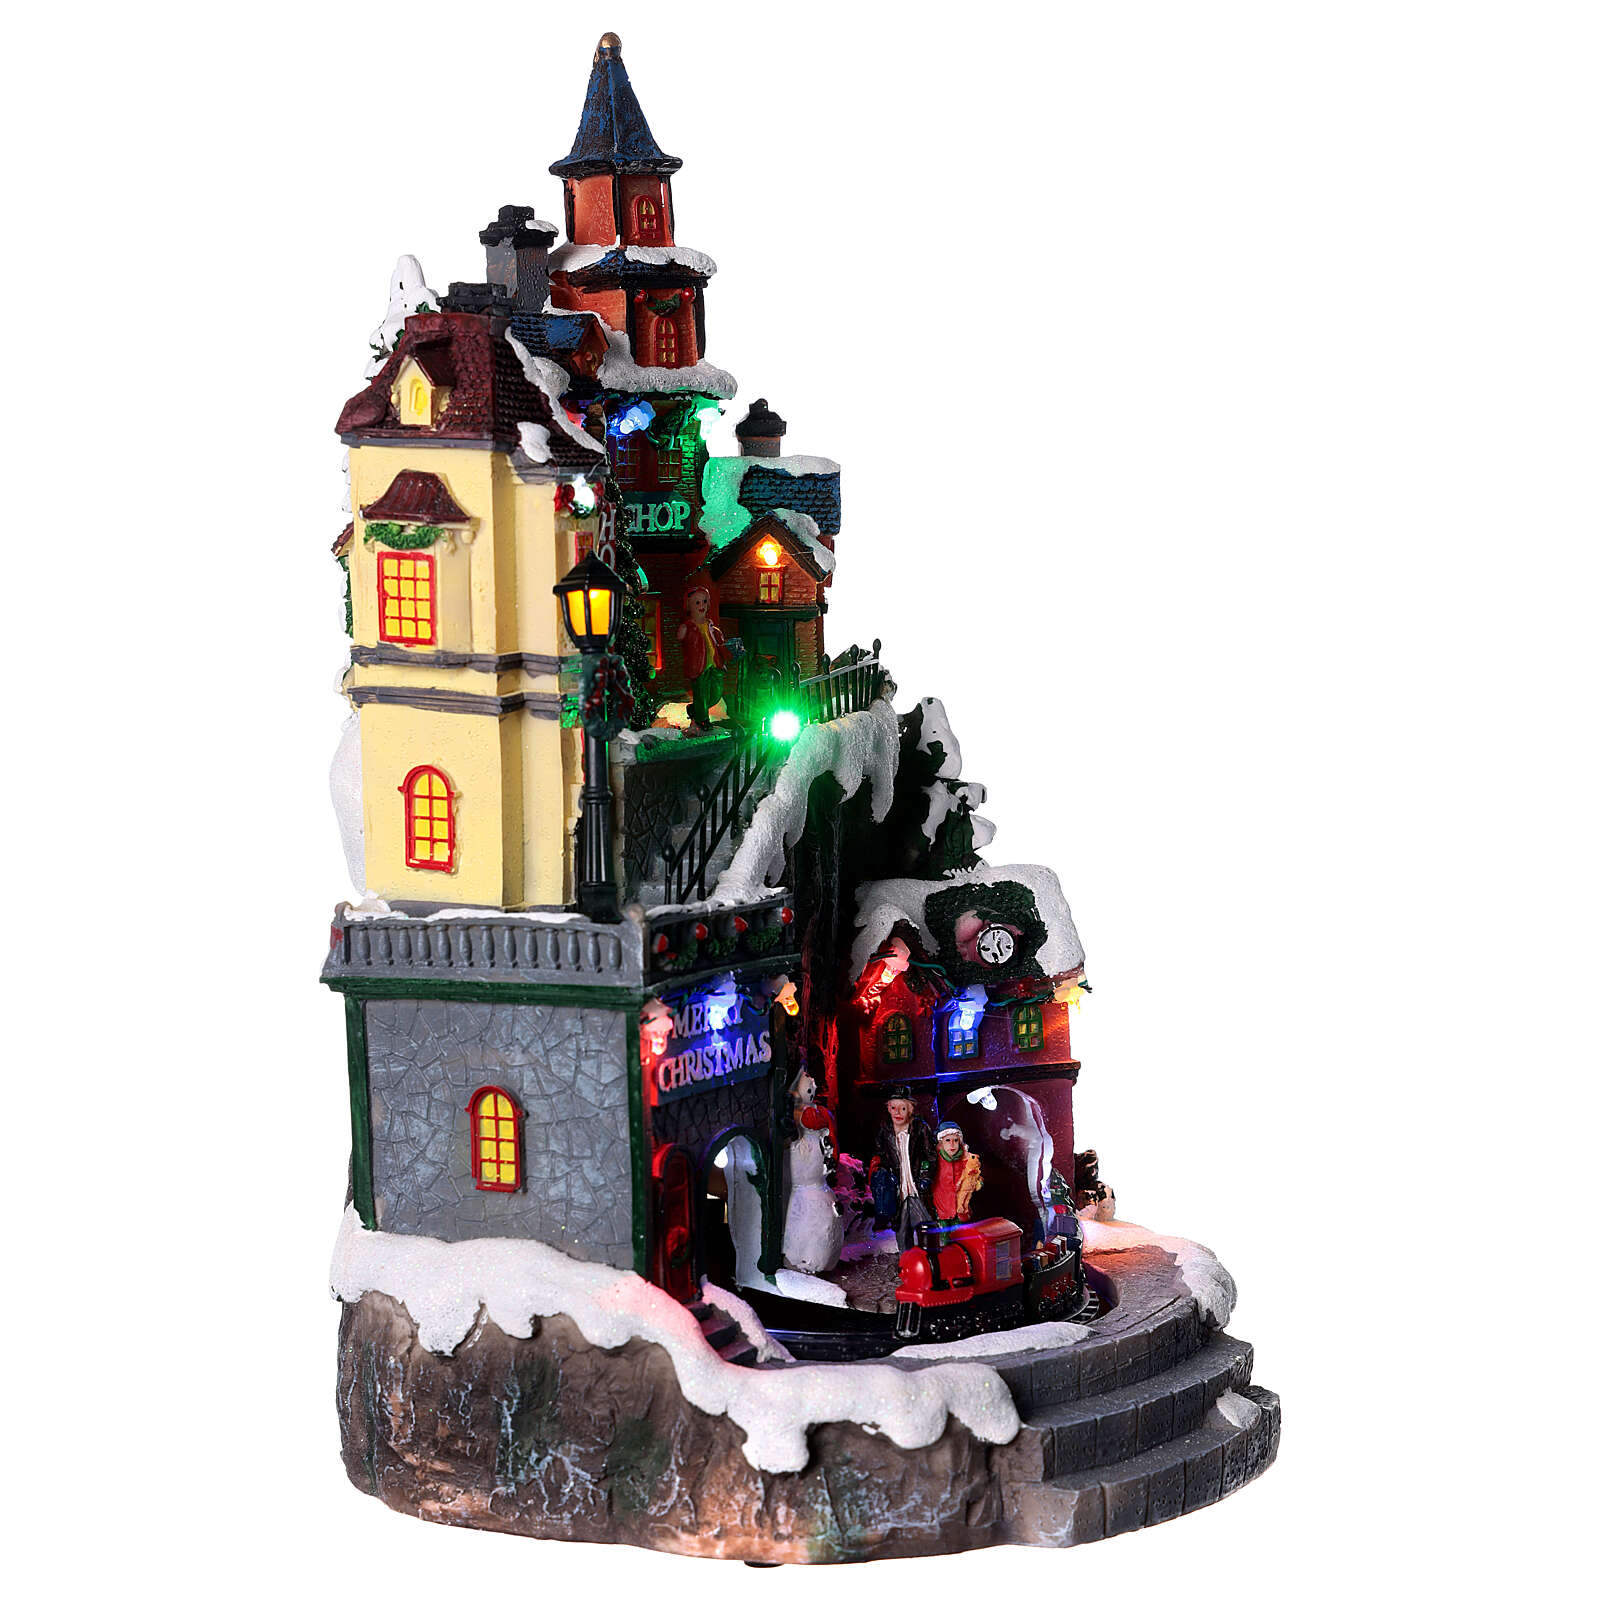 Miasteczko bożonarodzeniowe ze sklepami ruchem oświetleniem i melodyjką 35x20x20 cm 3